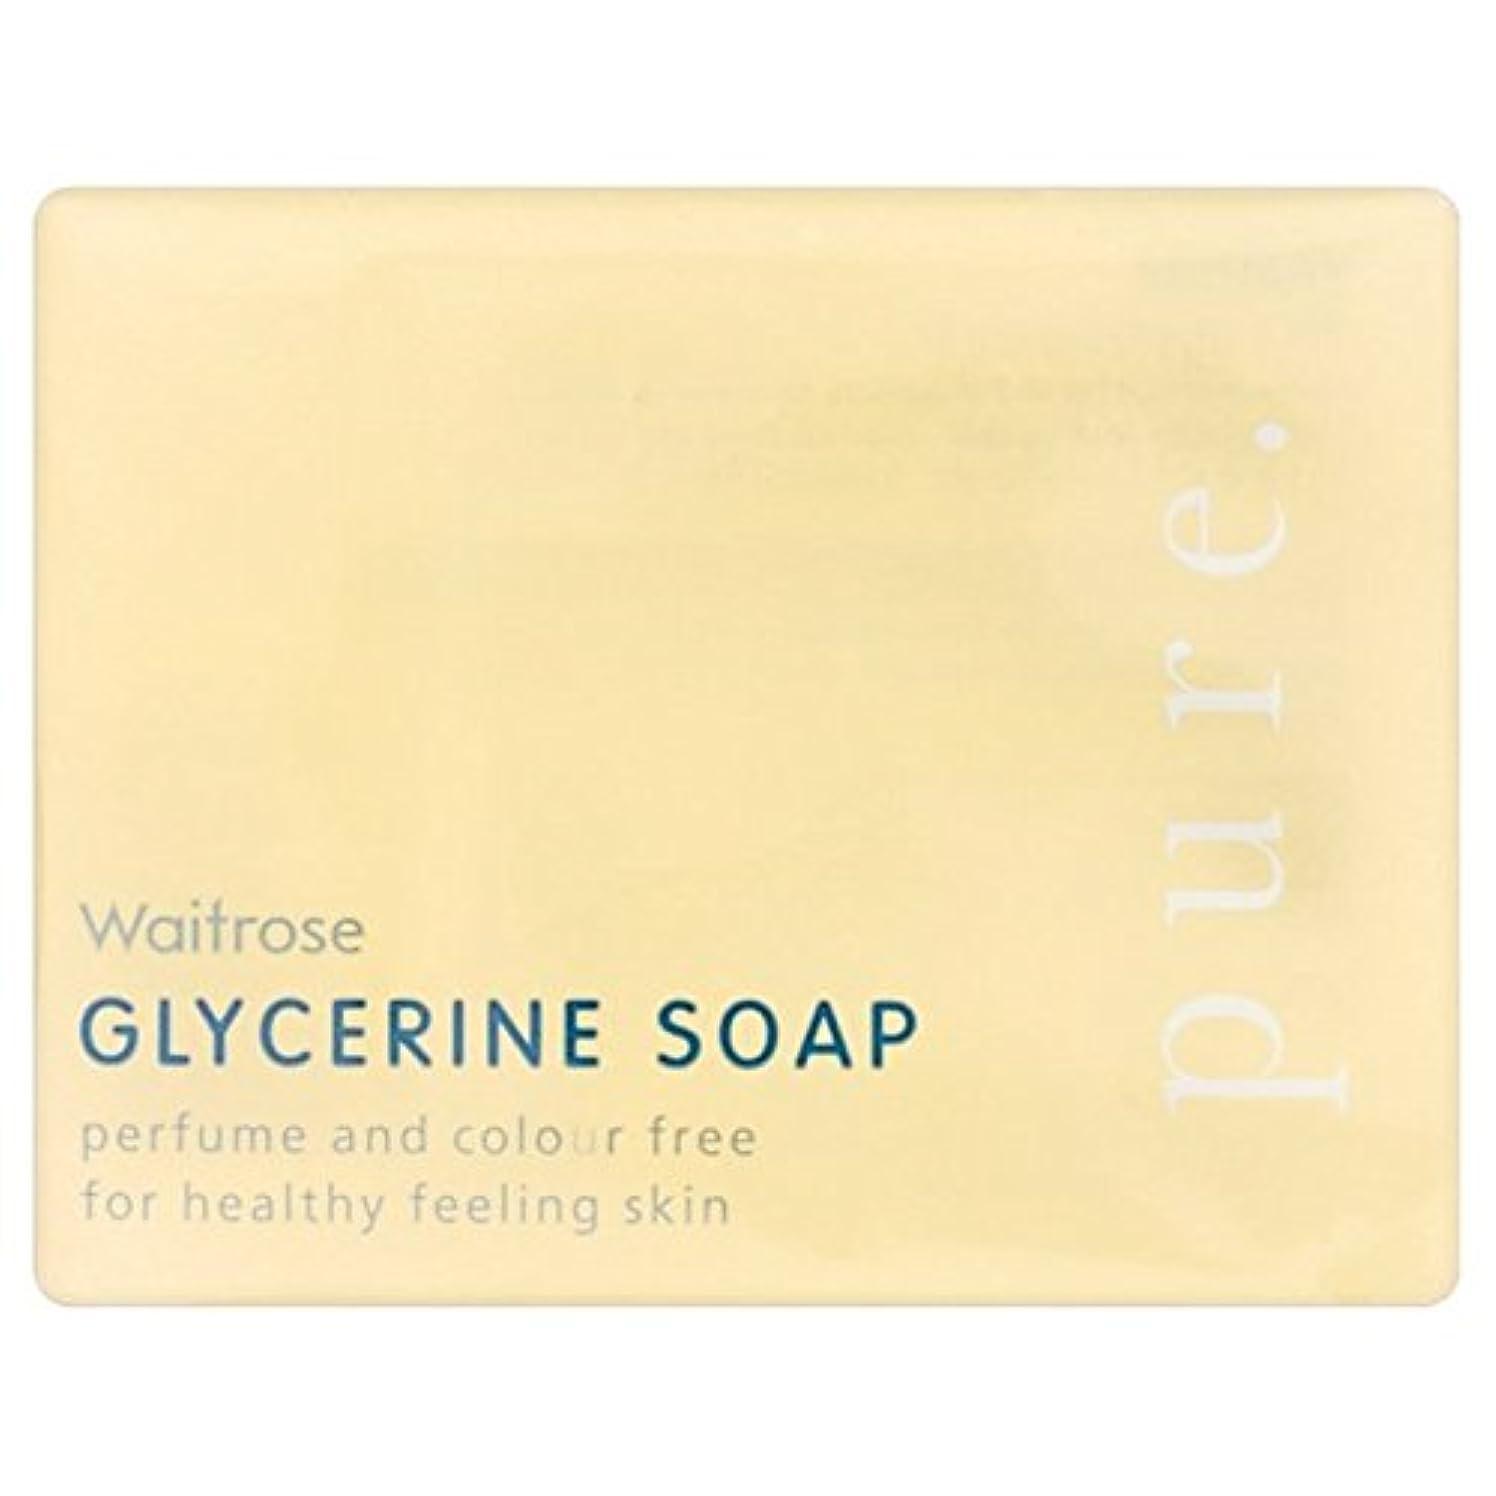 永遠にアジャ羨望Pure Glycerine Soap Waitrose 100g - 純粋なグリセリンソープウェイトローズの100グラム [並行輸入品]